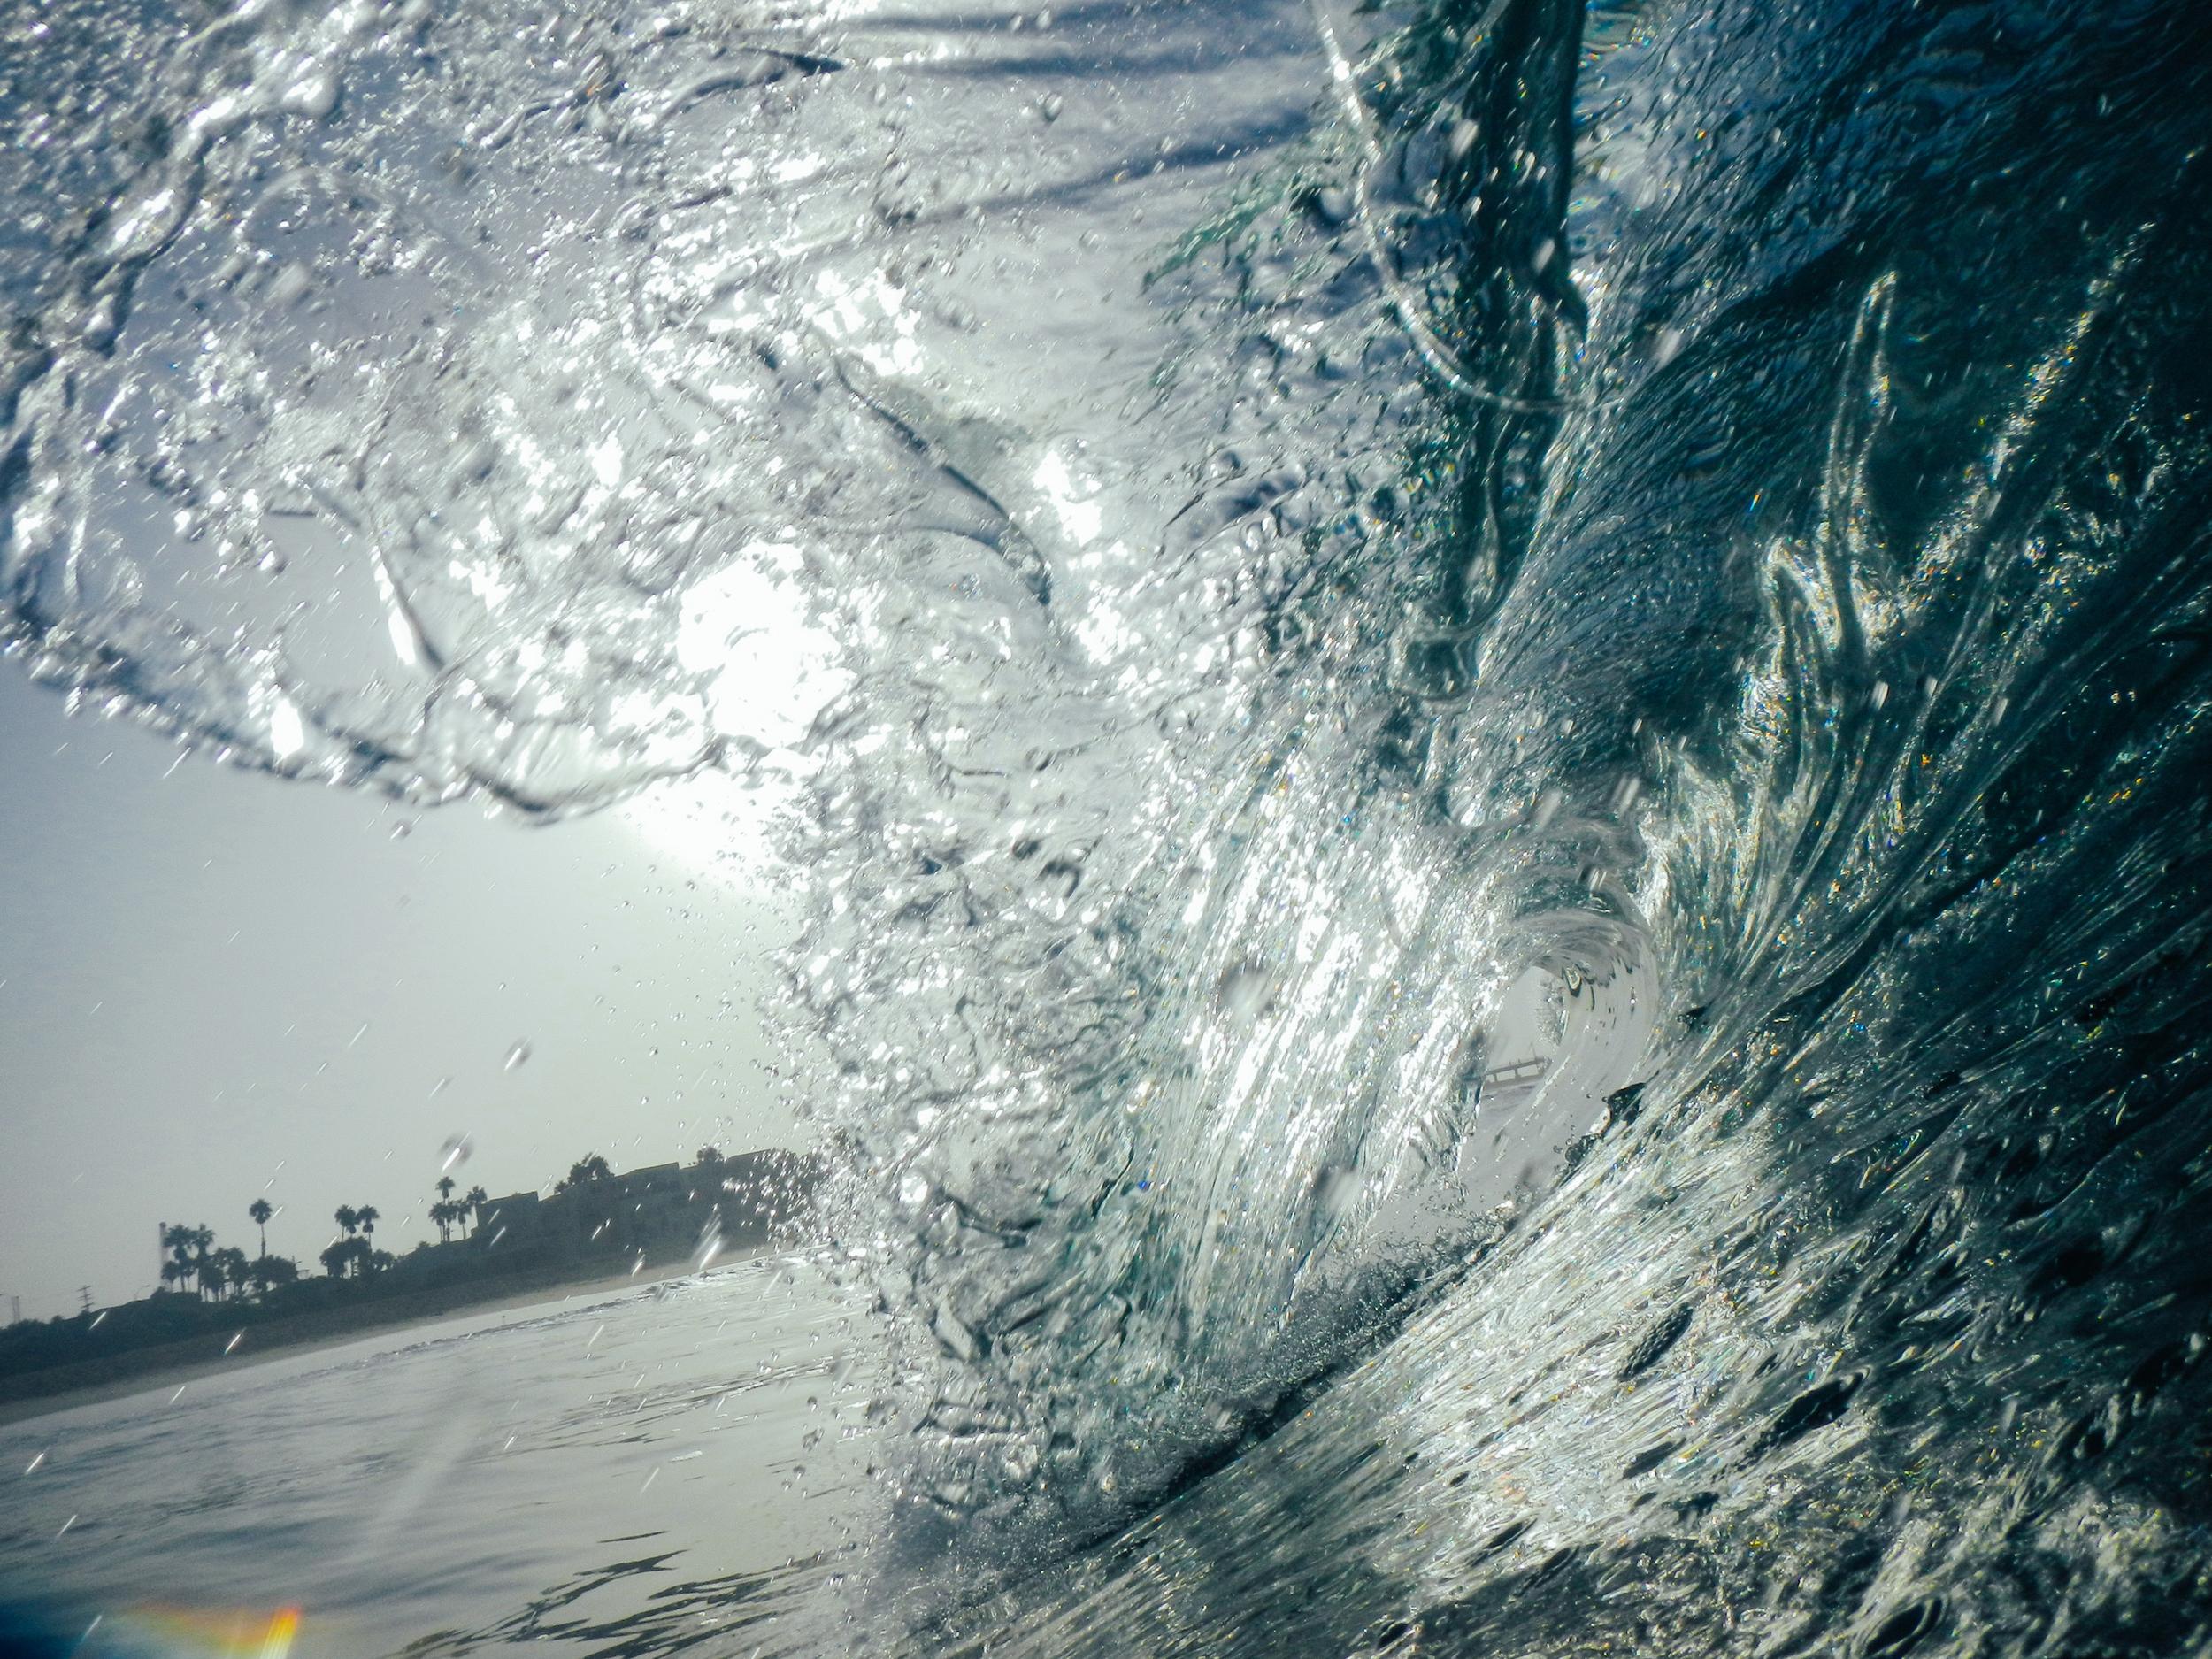 bk_water_131004_15.jpg